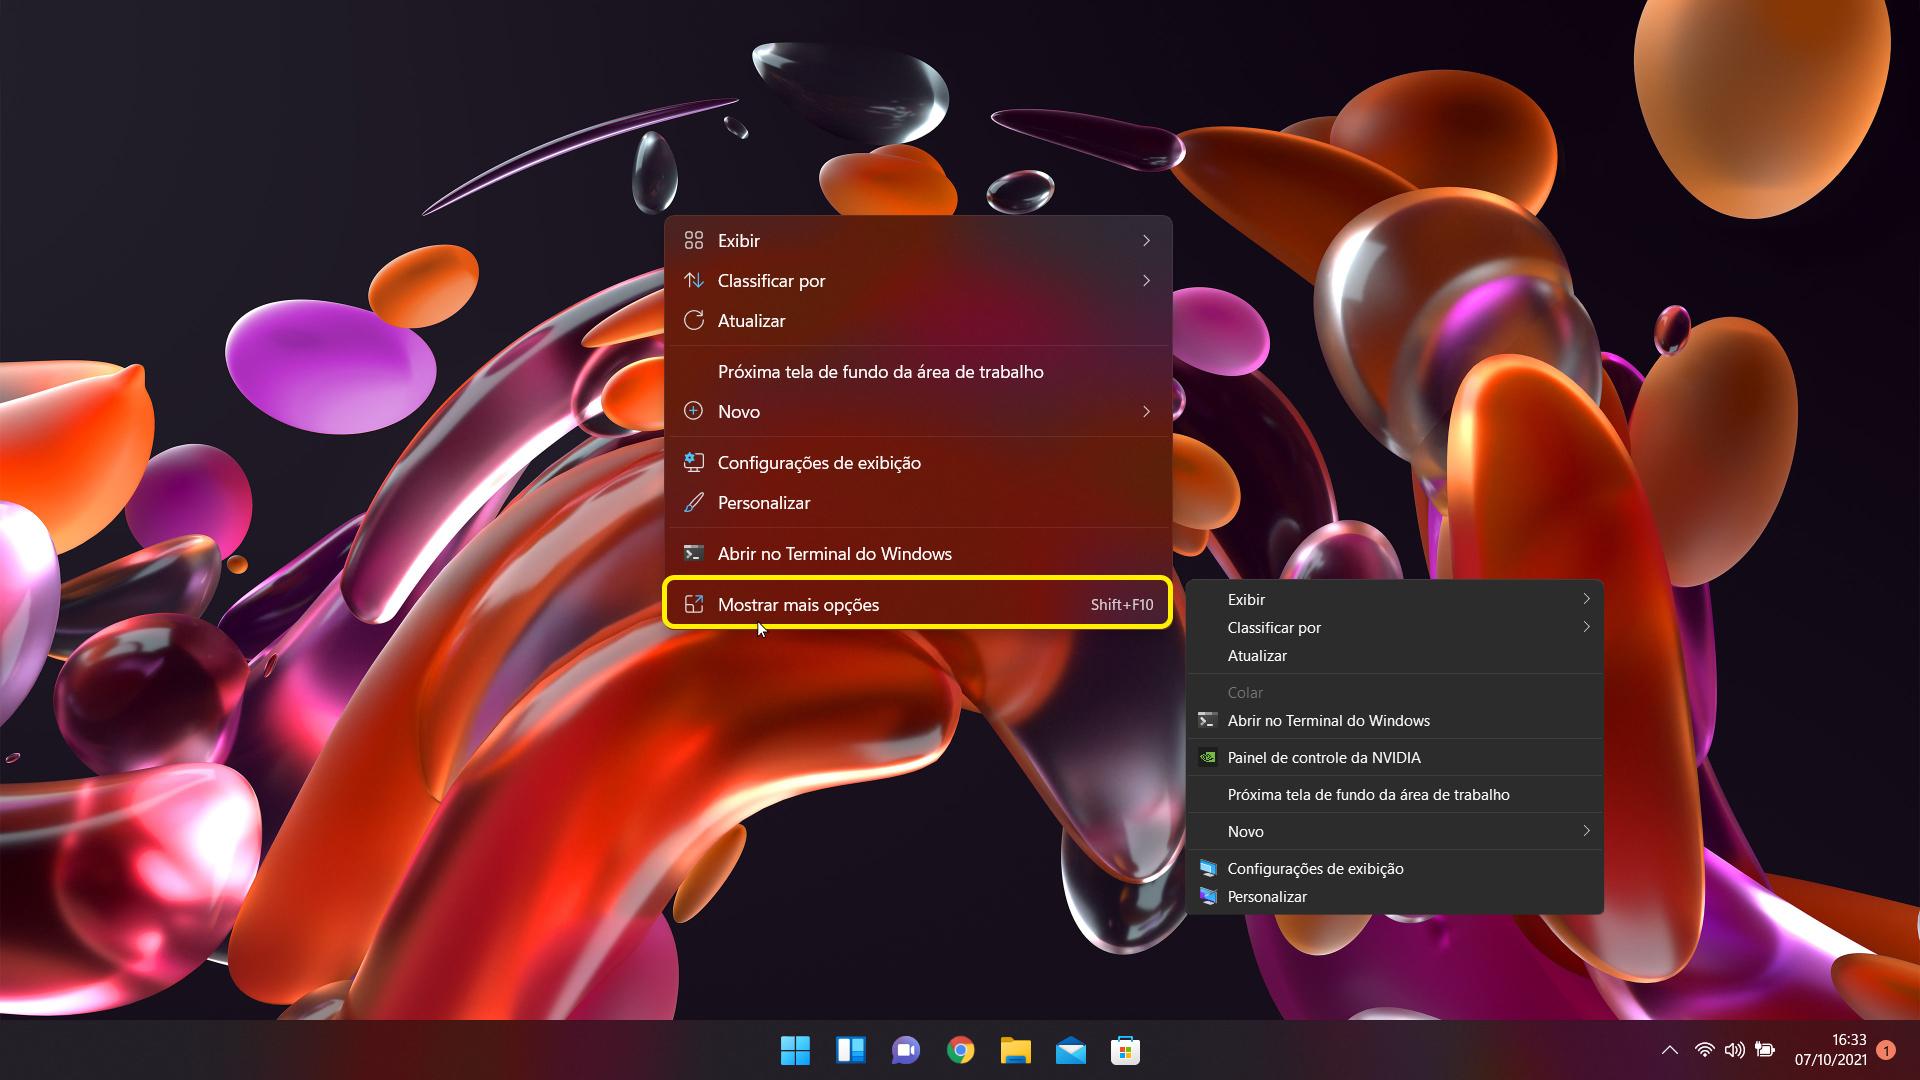 Um dos principais menus do Windows 11 esconde uma interface baseada no Windows 10.